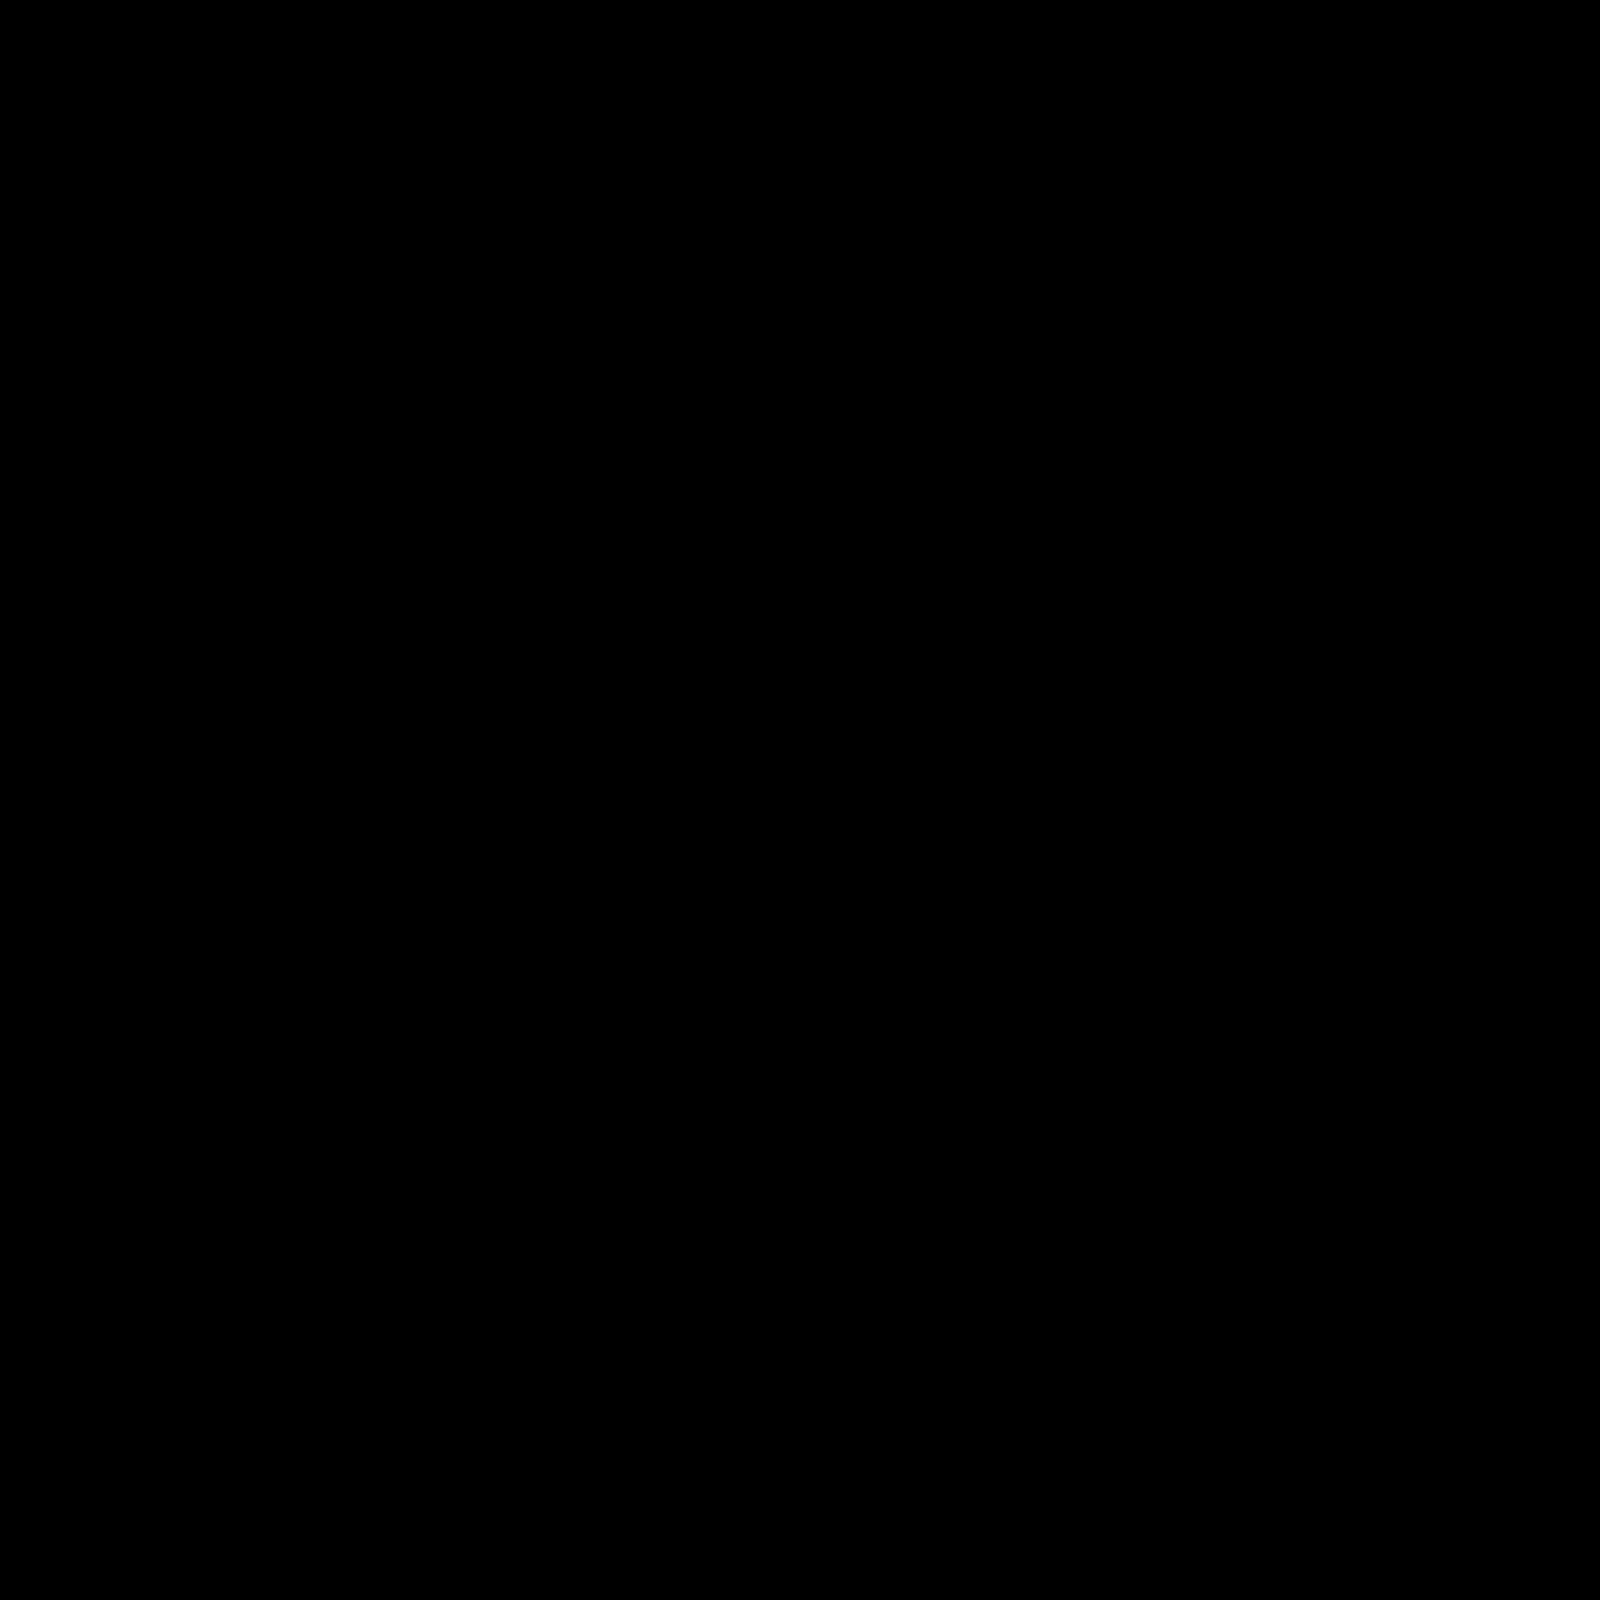 Żarówka ledowa icon